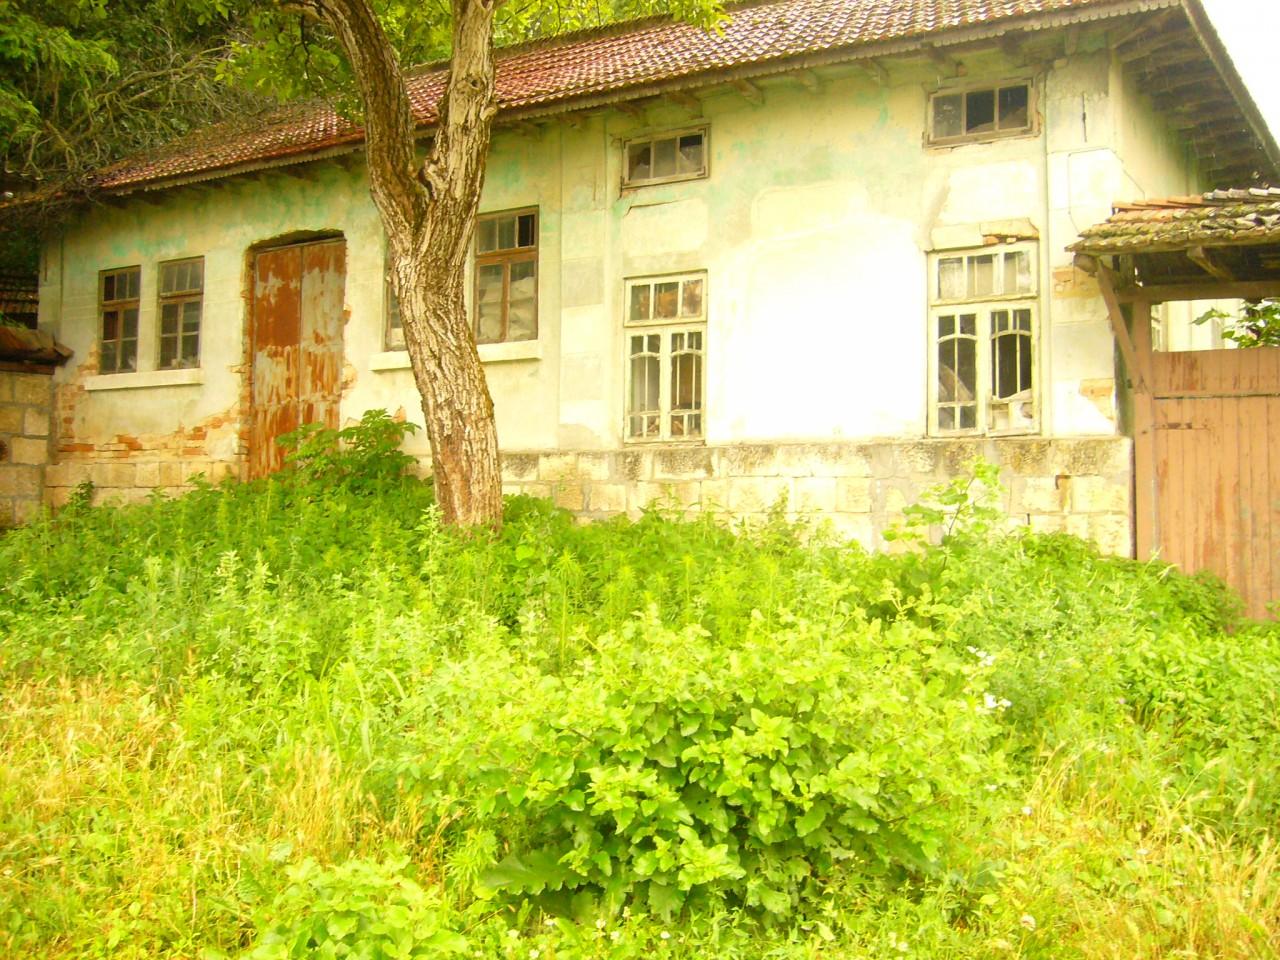 дом  в село кошов для ремонта,болгария, 92кв.м ,земля 900кв.м,цена 11000евро 00359878600910